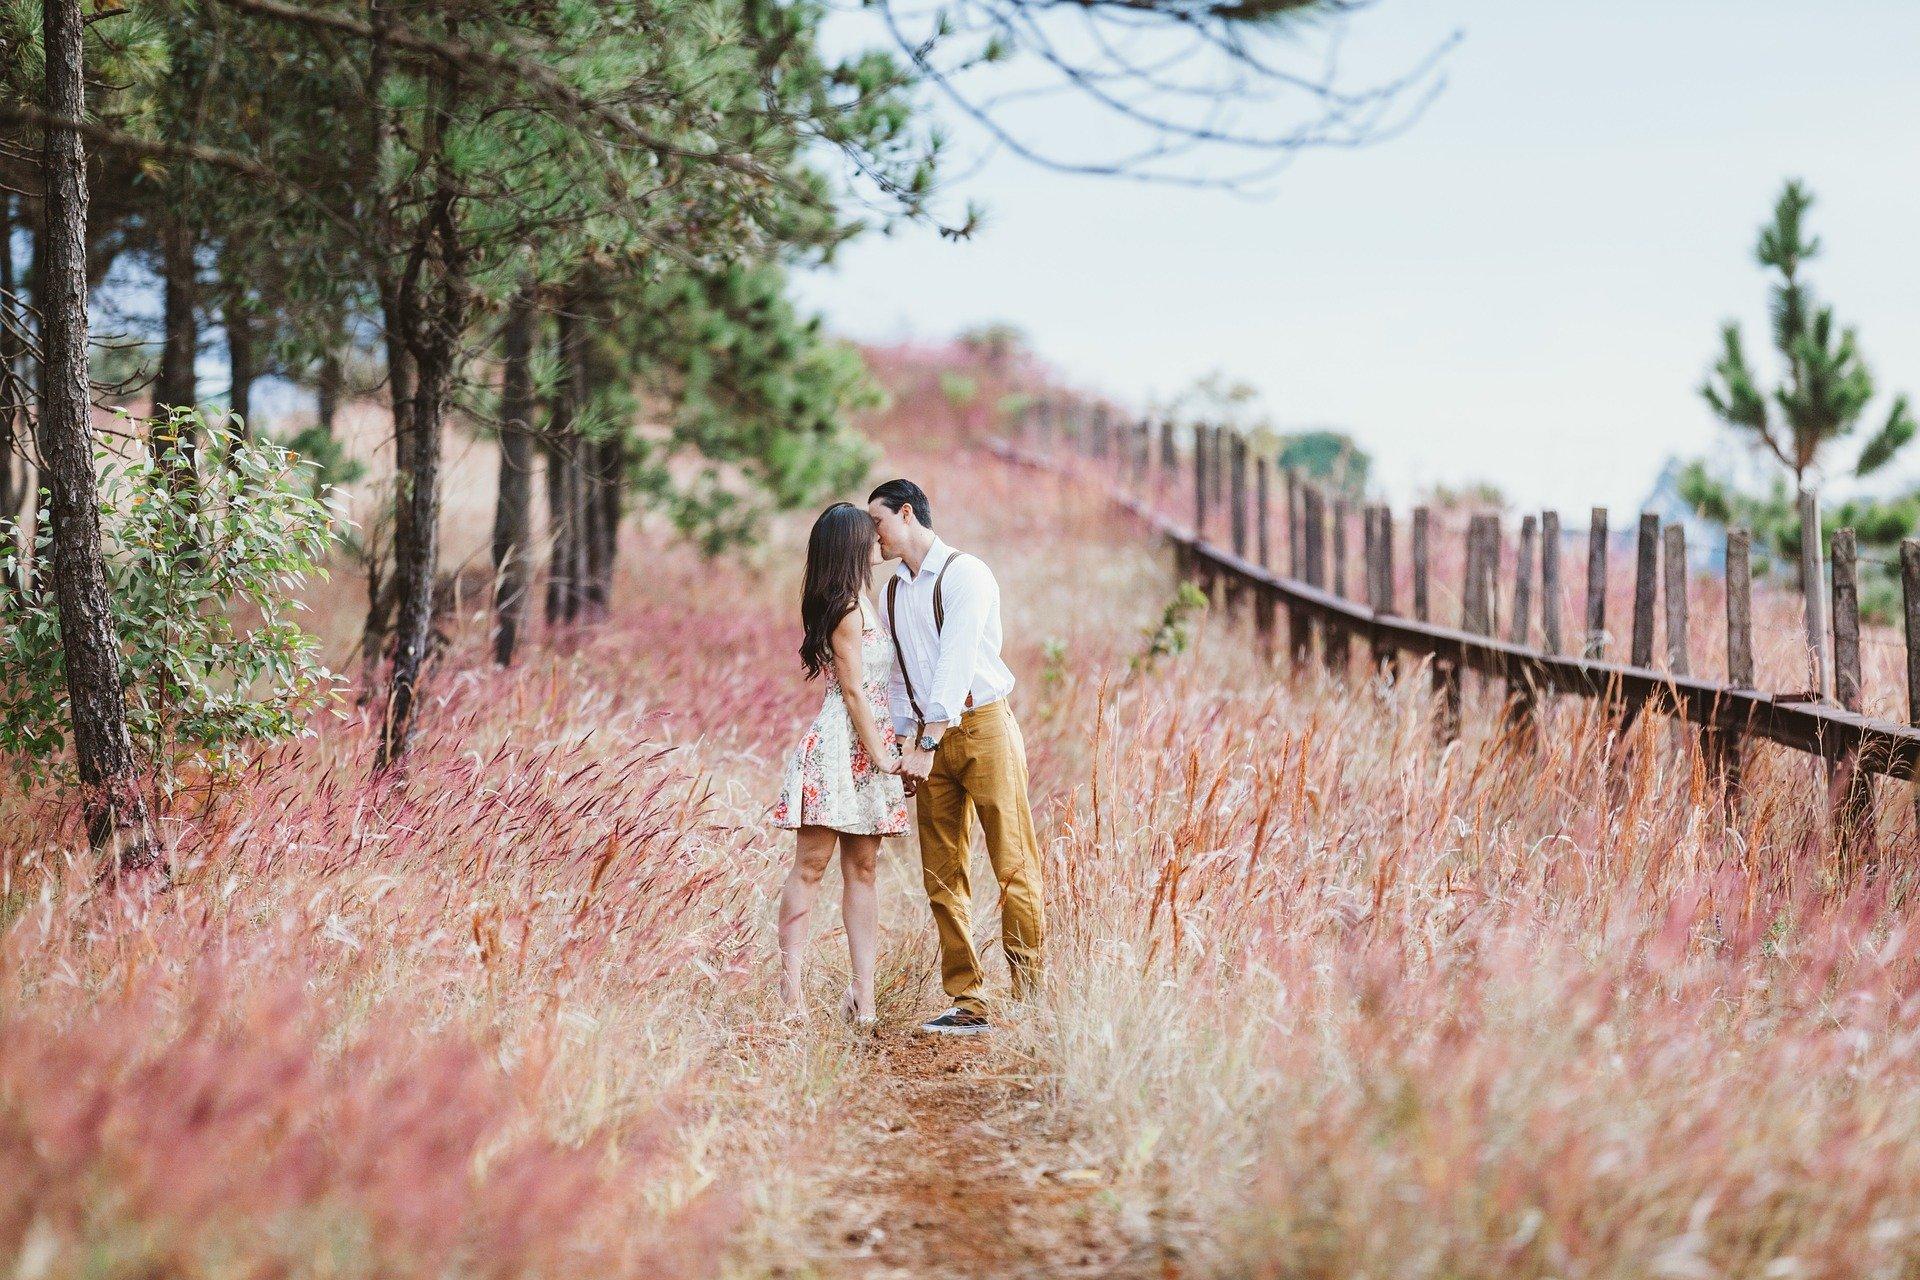 既婚者とのキス!独身女性にキスをする既婚男性の心理と真剣交際に発展させるきっかけの作り方